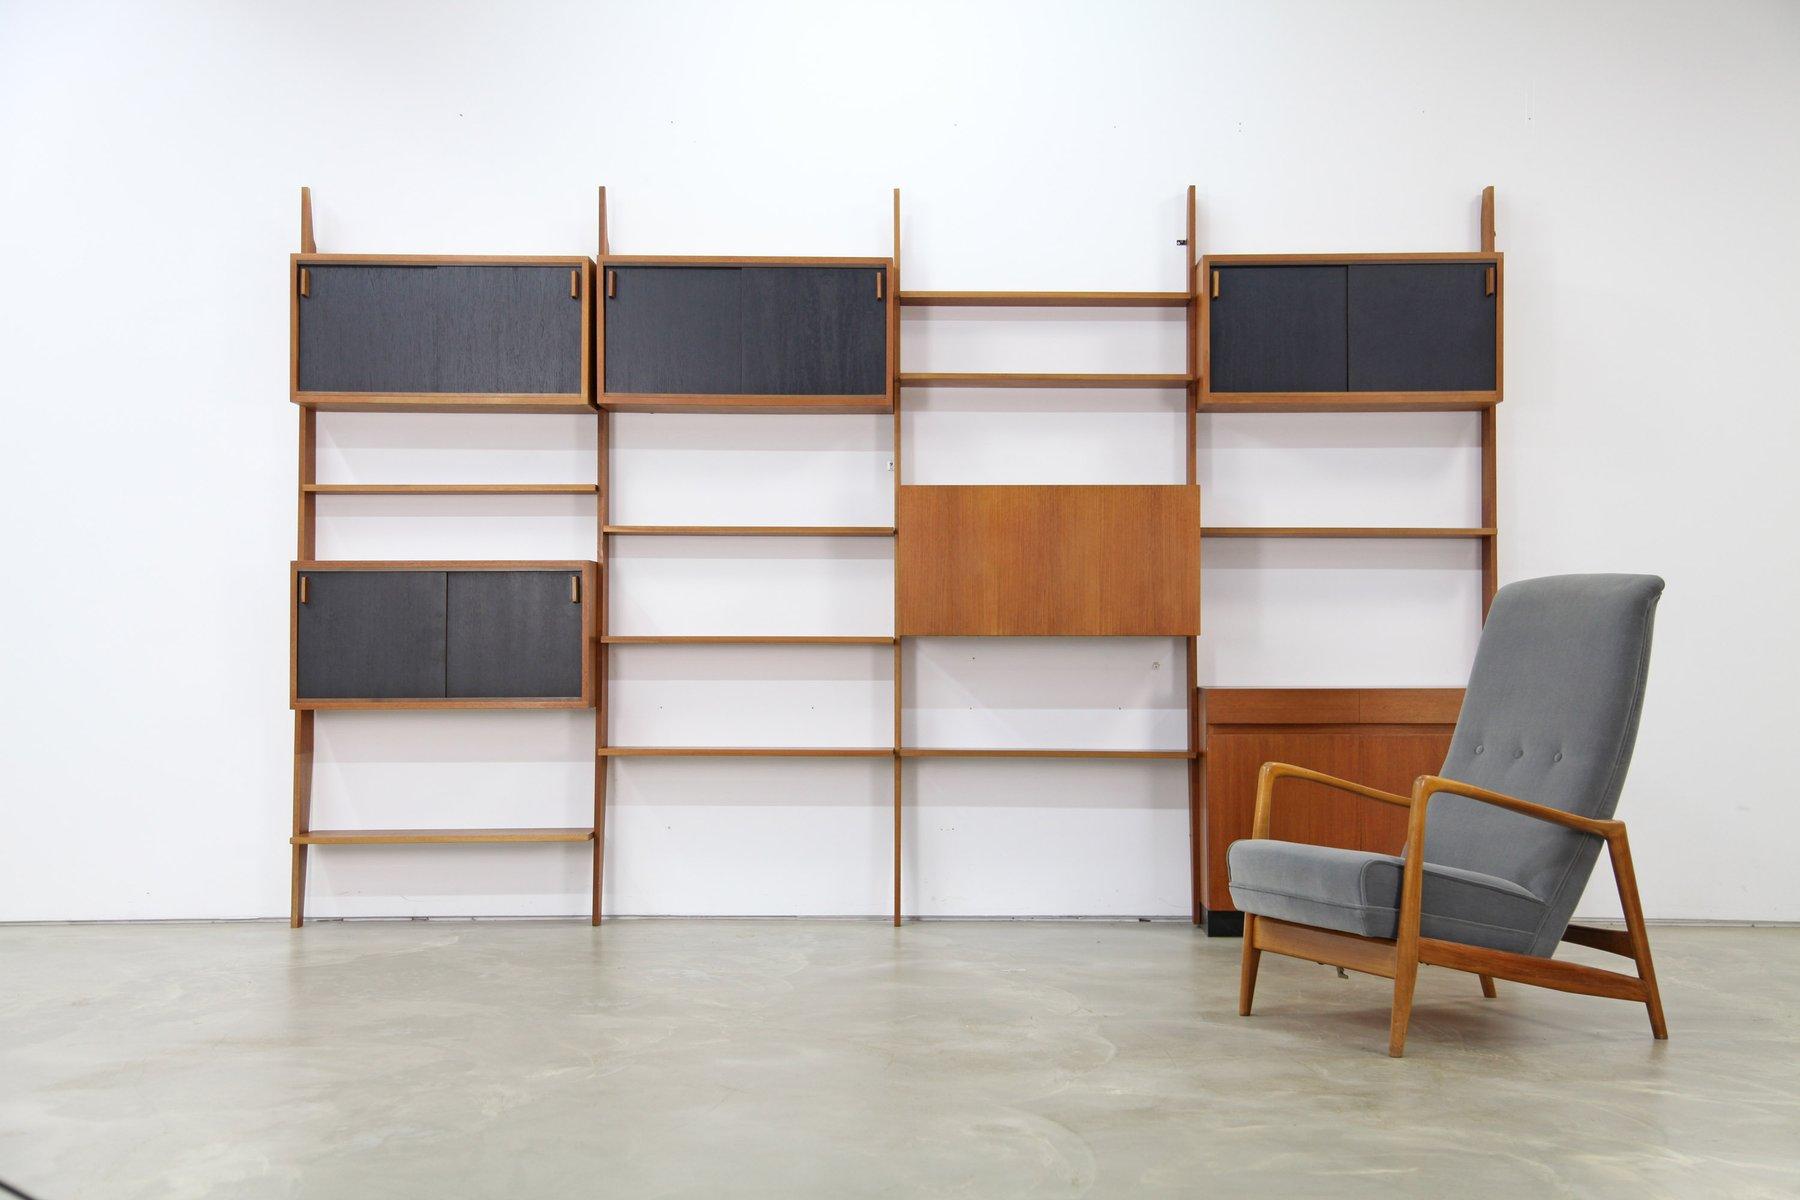 libreria mid century con scomparti di dieter waeckerlin per behr m bel anni 39 60 in vendita su. Black Bedroom Furniture Sets. Home Design Ideas